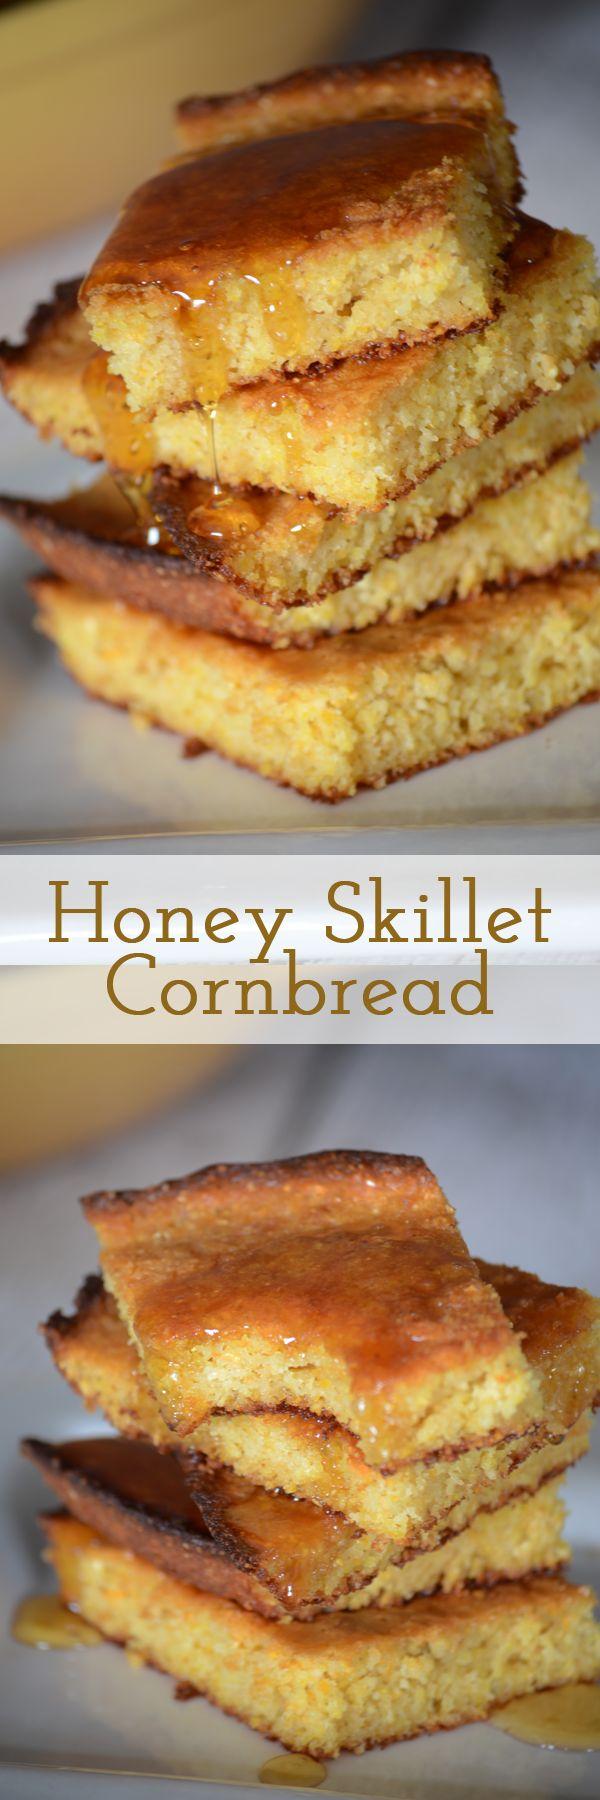 Honey skillet cornbread | Recipe | Skillets, Honey cornbread and ...